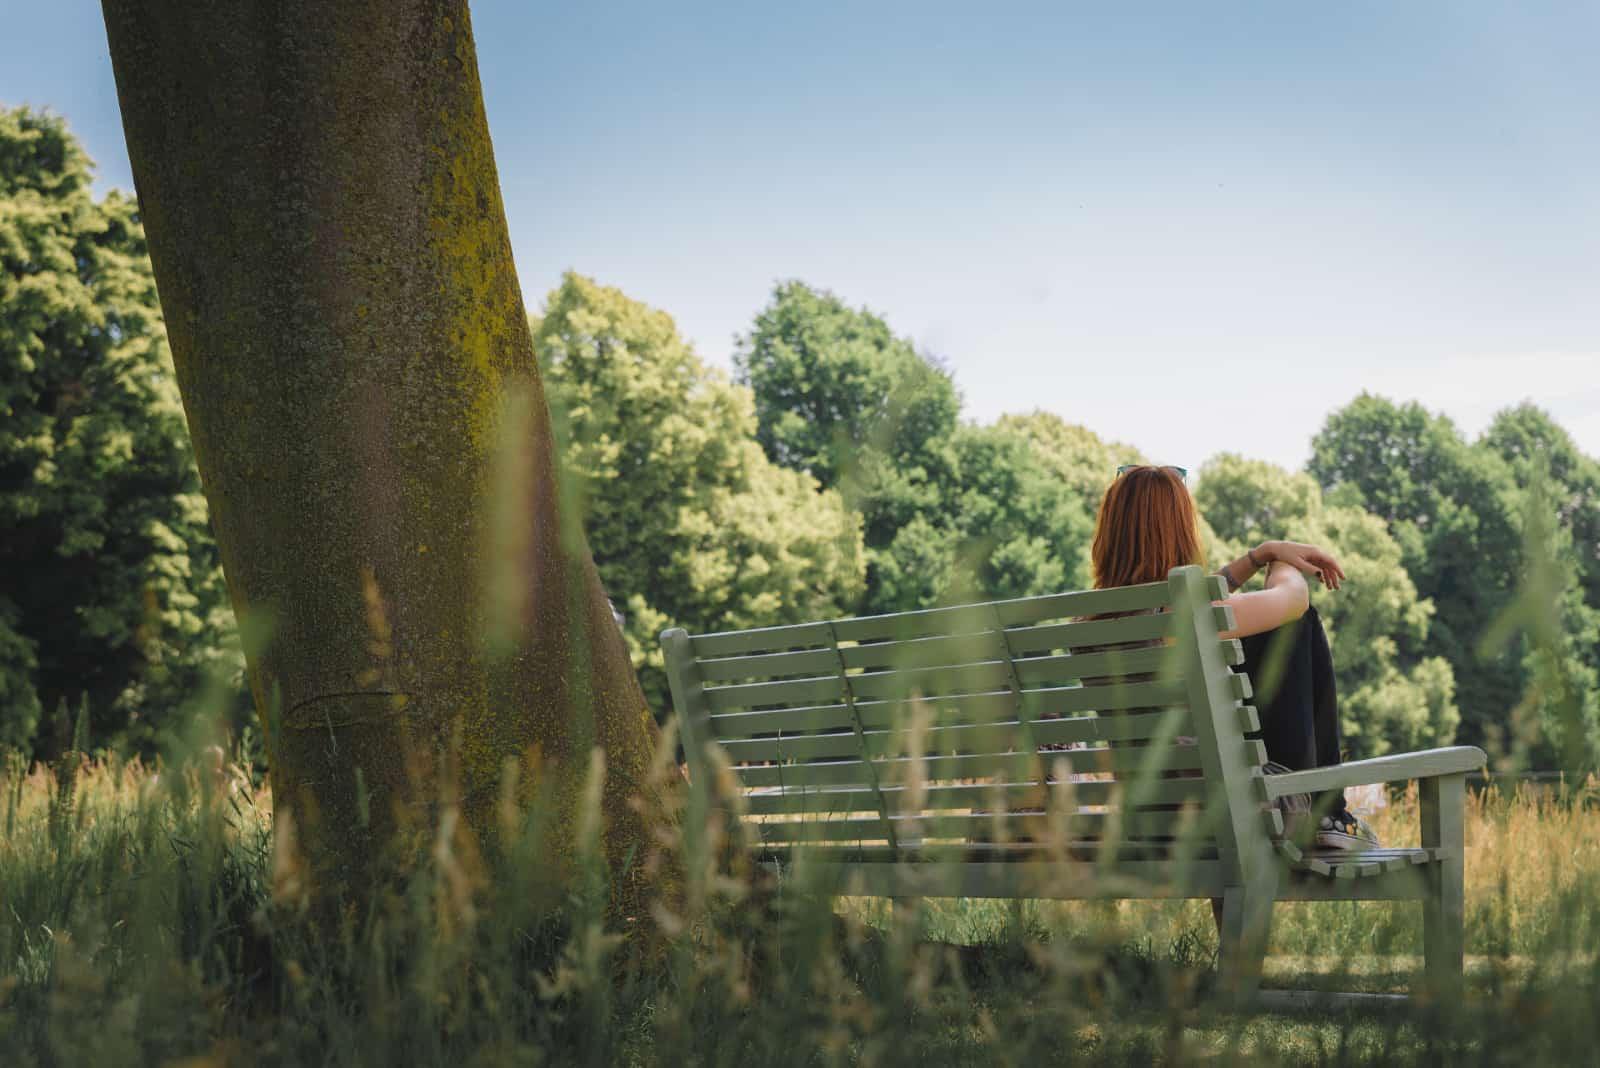 femme assise sur un banc près d'un arbre